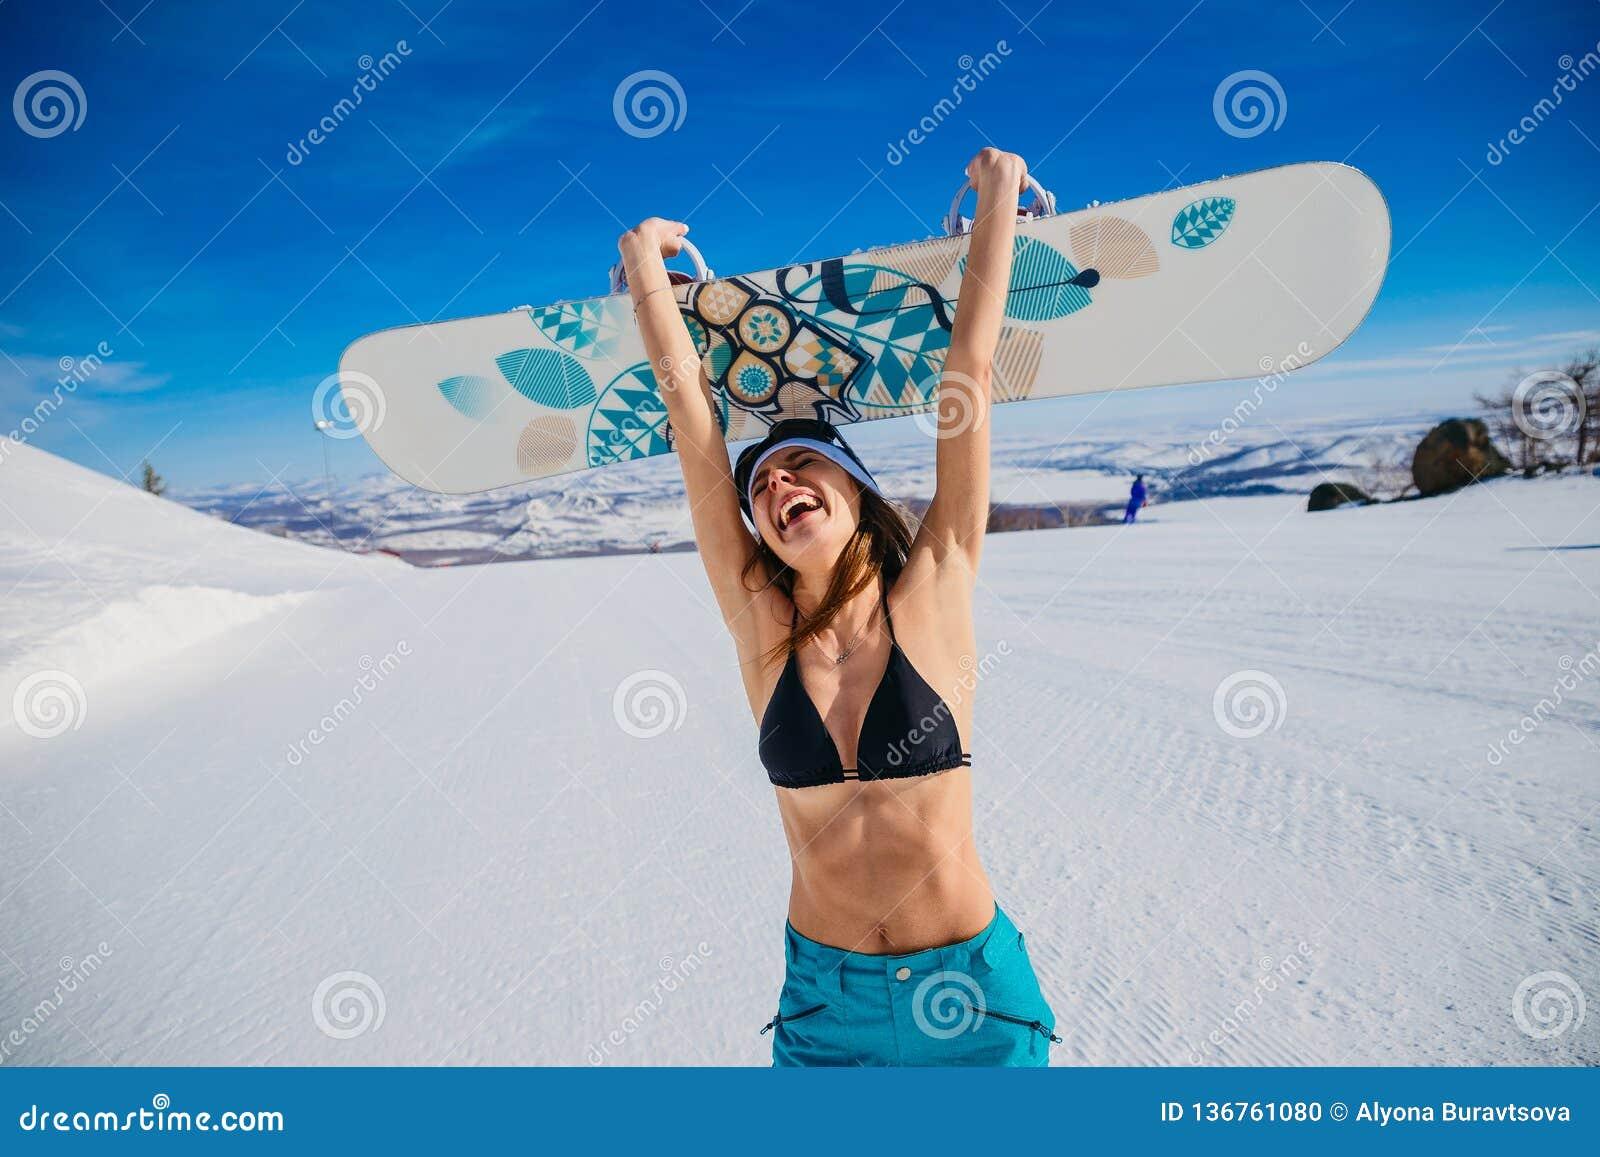 0b85a5c8e Mujer joven emocional de risa en un traje de baño y un sombrero que  sostienen una snowboard en sus manos en invierno Deporte extremo euforia  Snowboarder ...